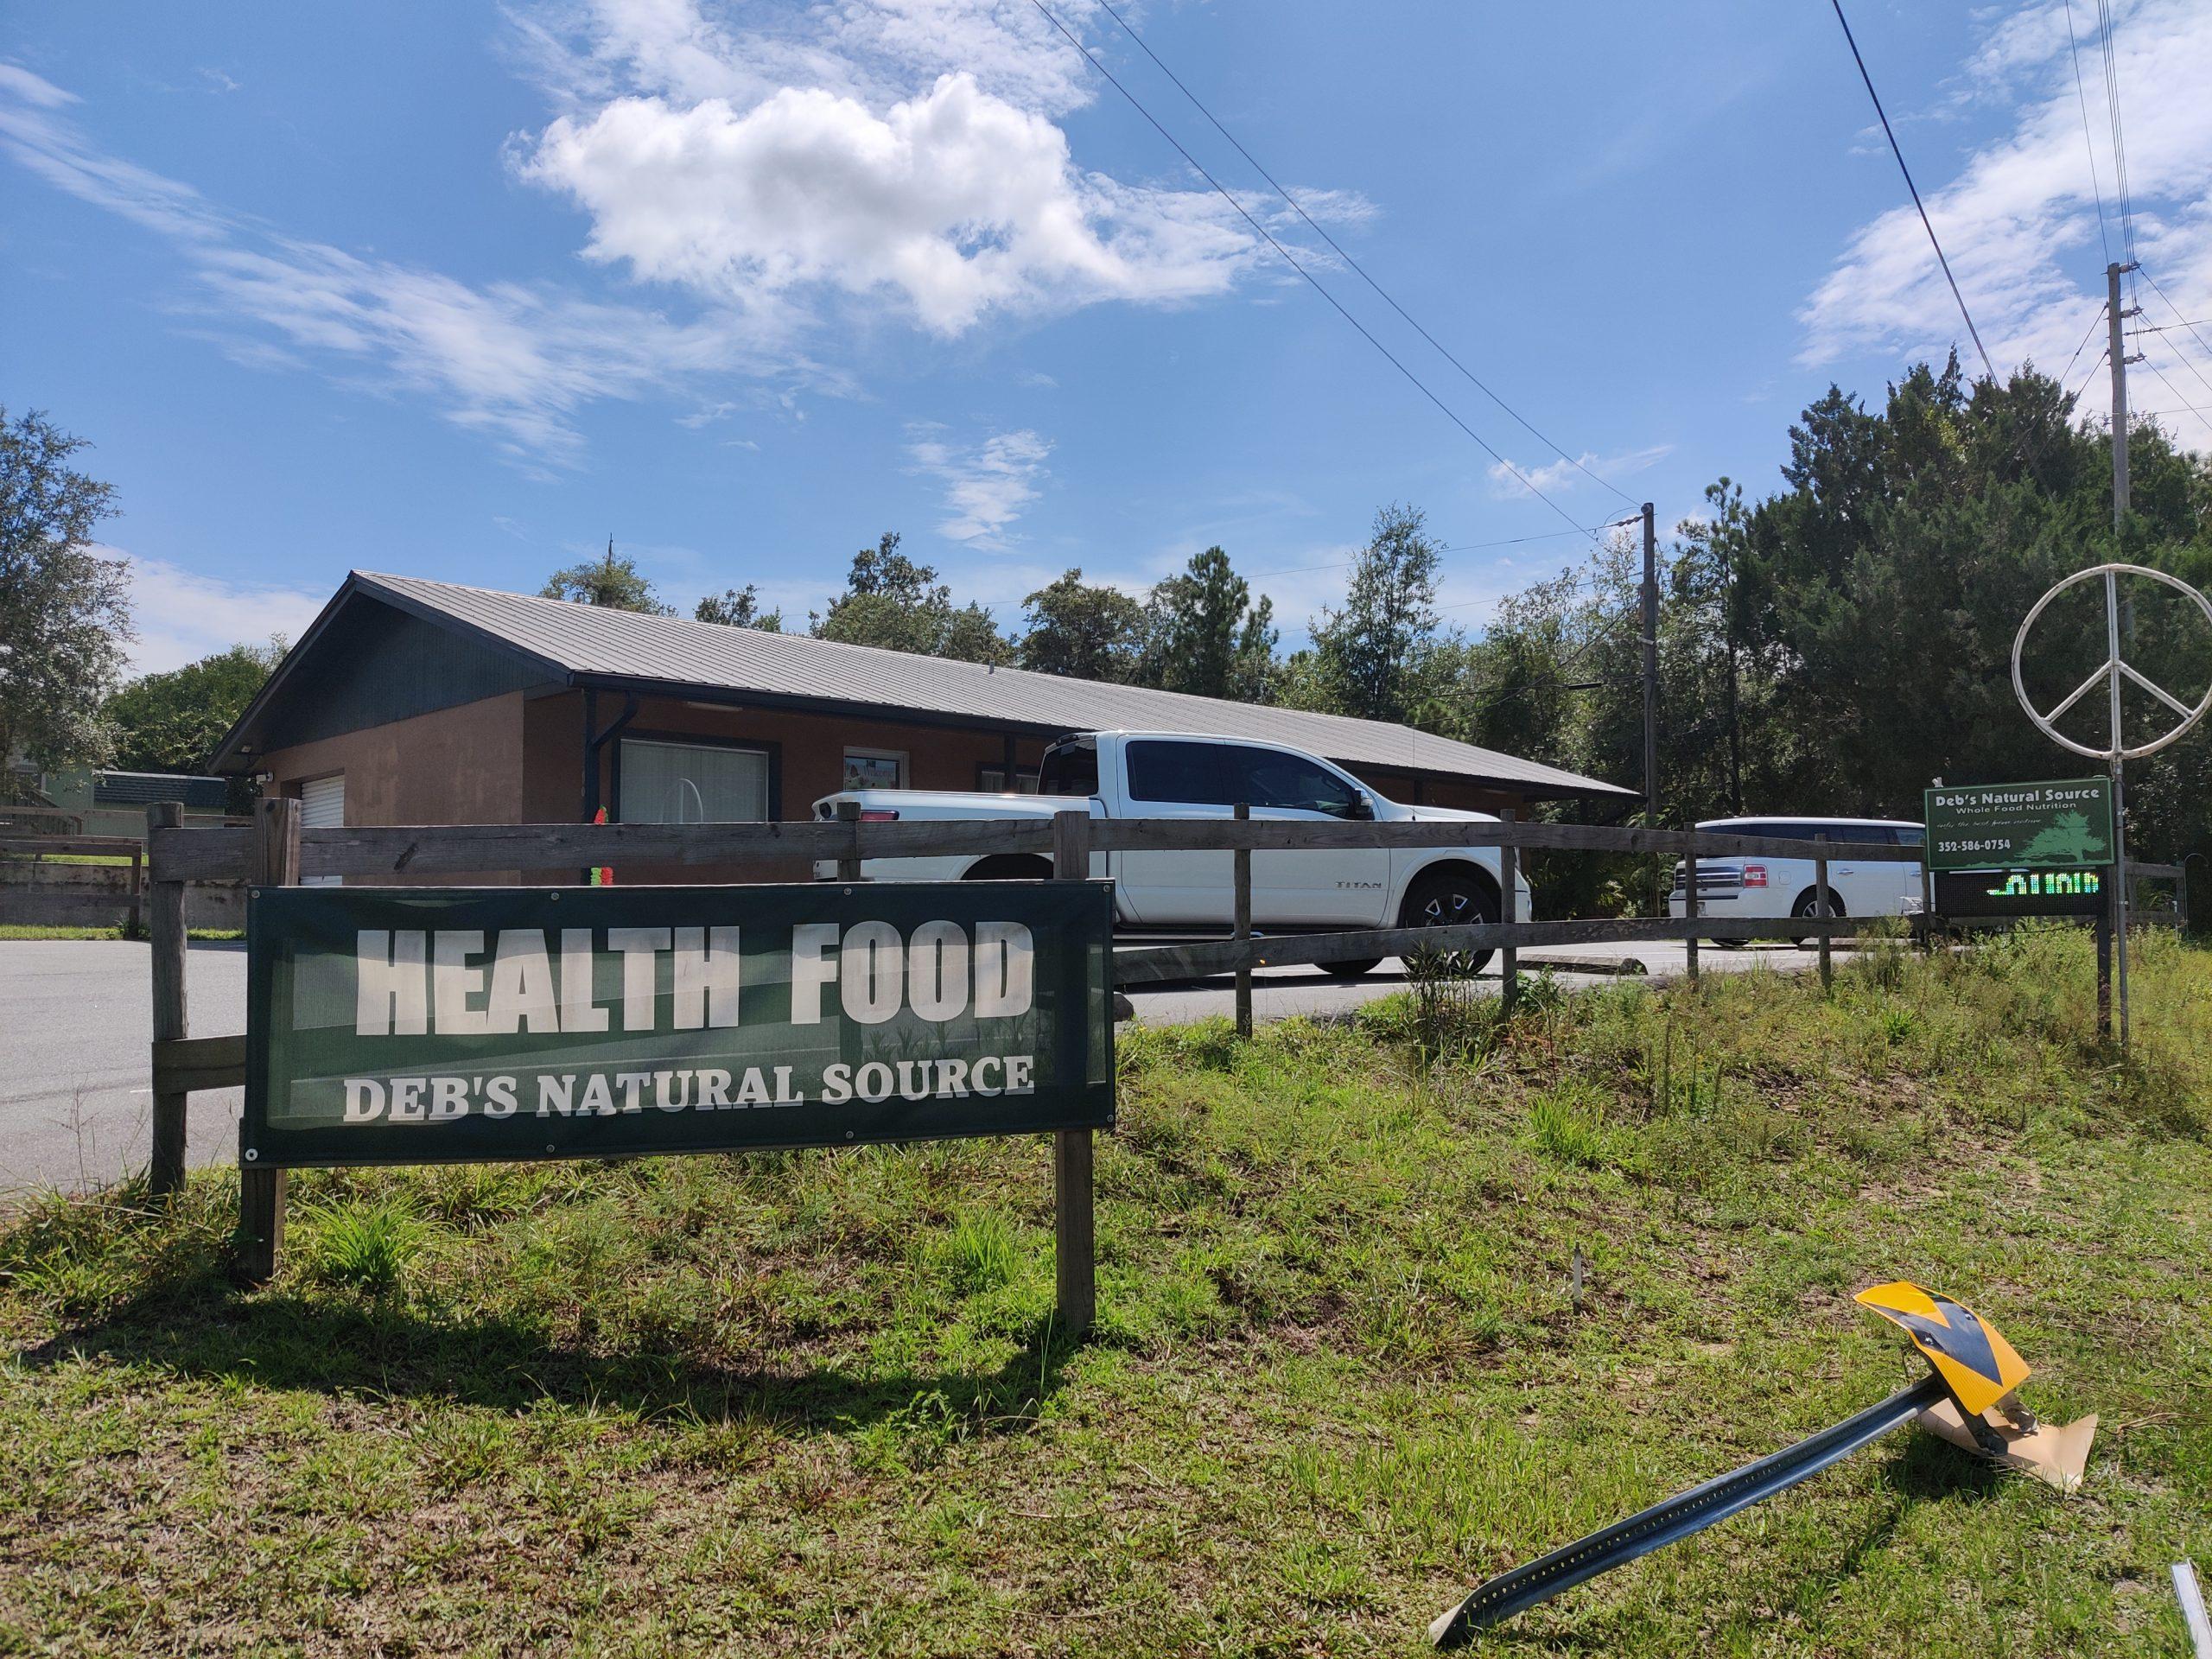 08-07-2021 Deb's Natural Source Health Food